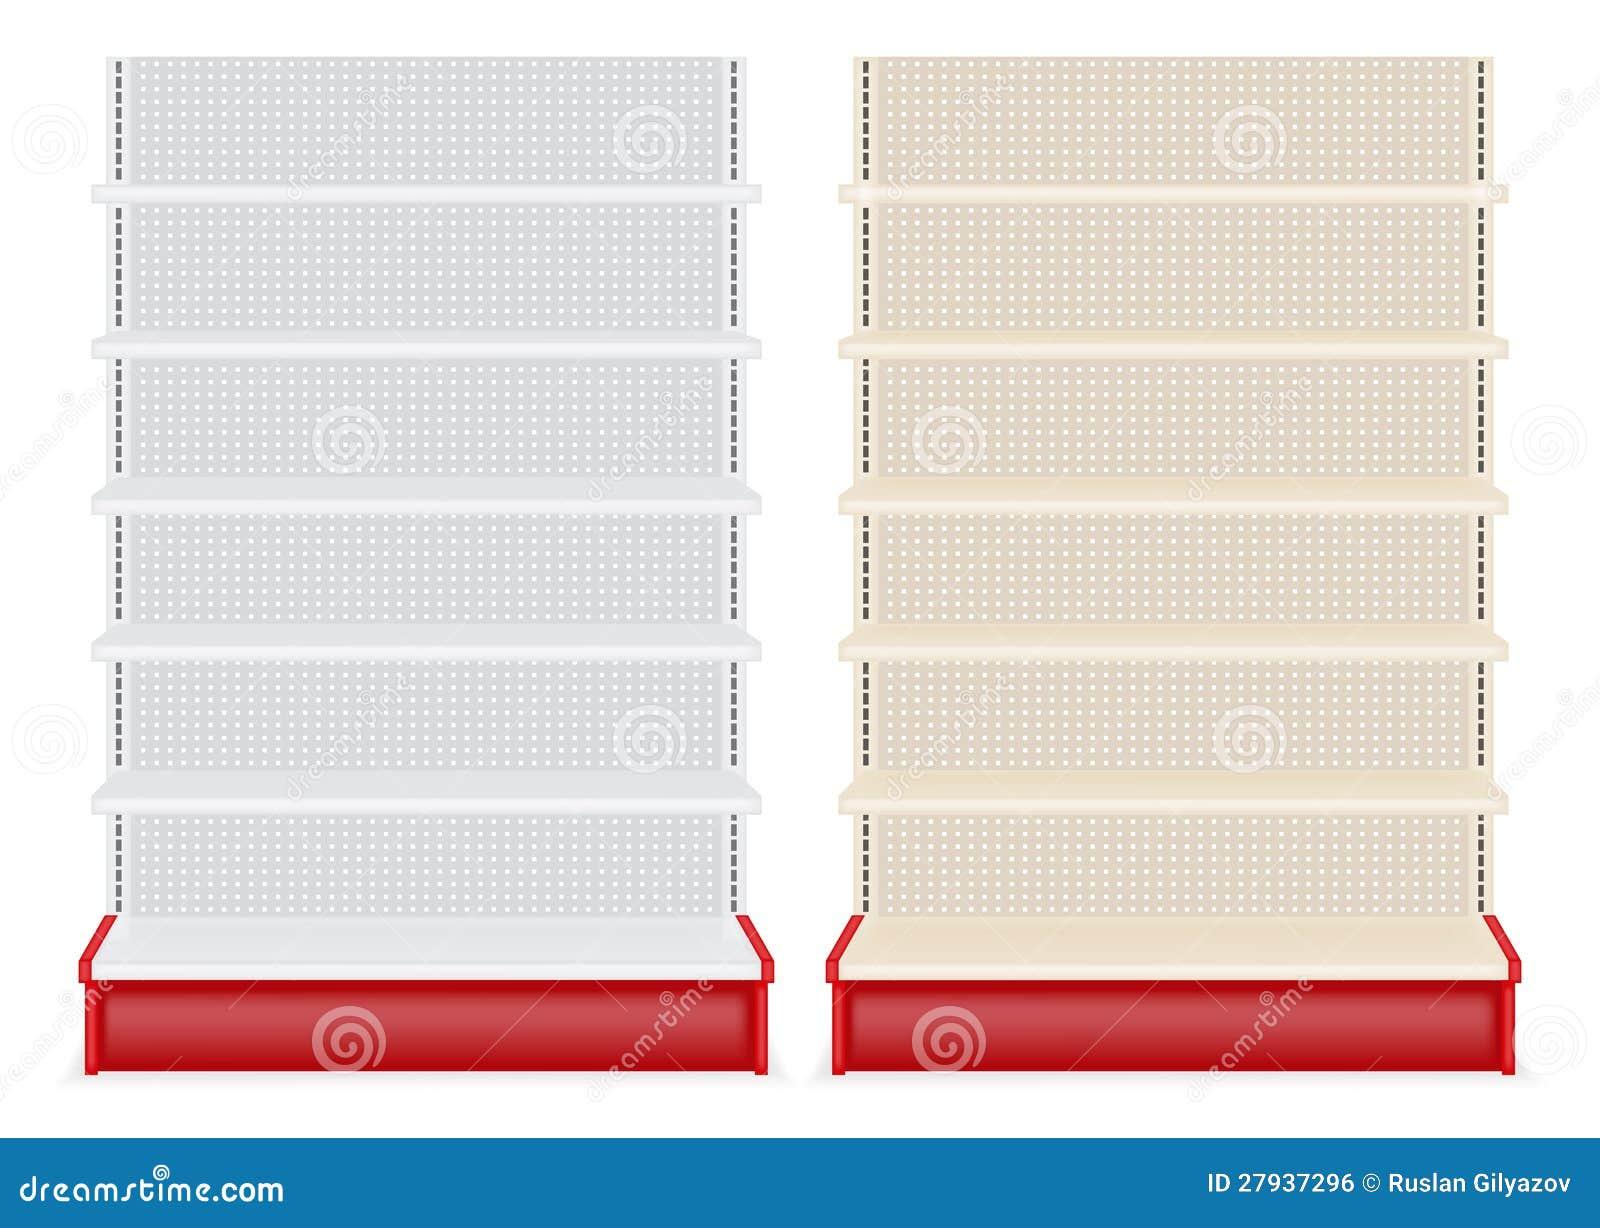 Store Shelf Stock Vector Image Of Fixtures Facilities